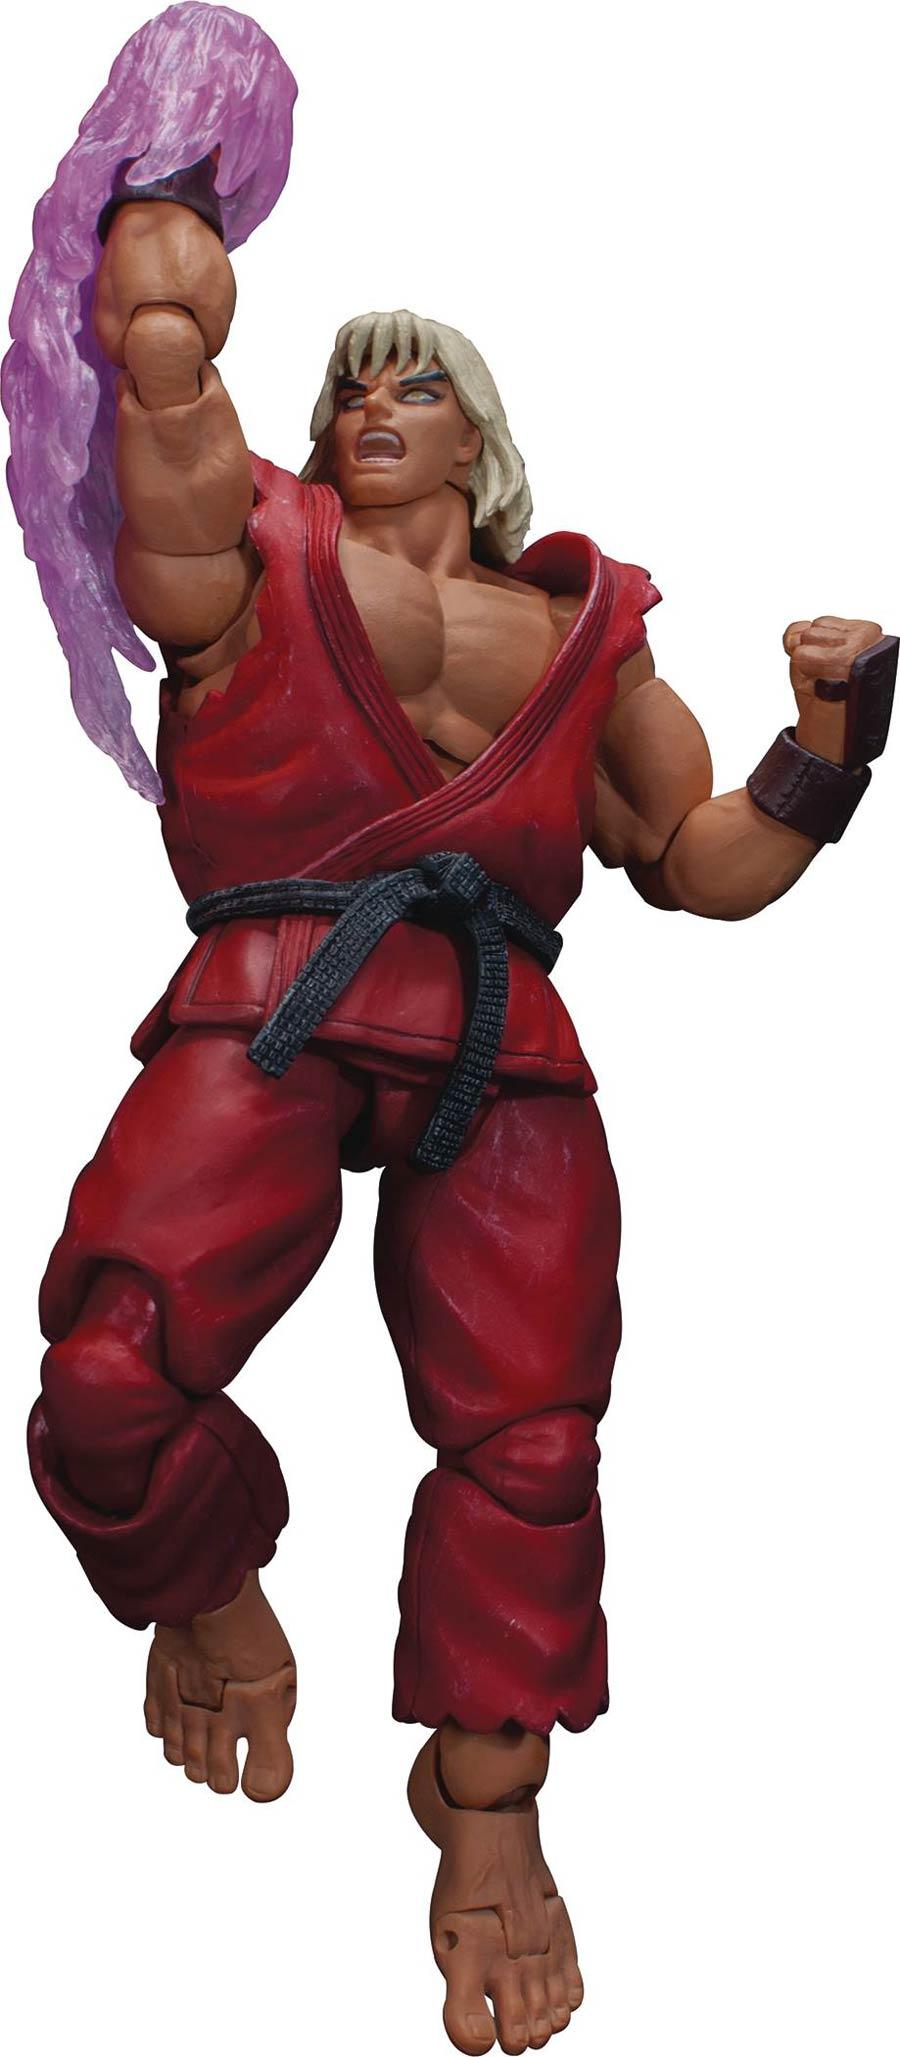 Ultra Street Fighter II The Final Challengers 1/12 - Violent Ken Action Figure